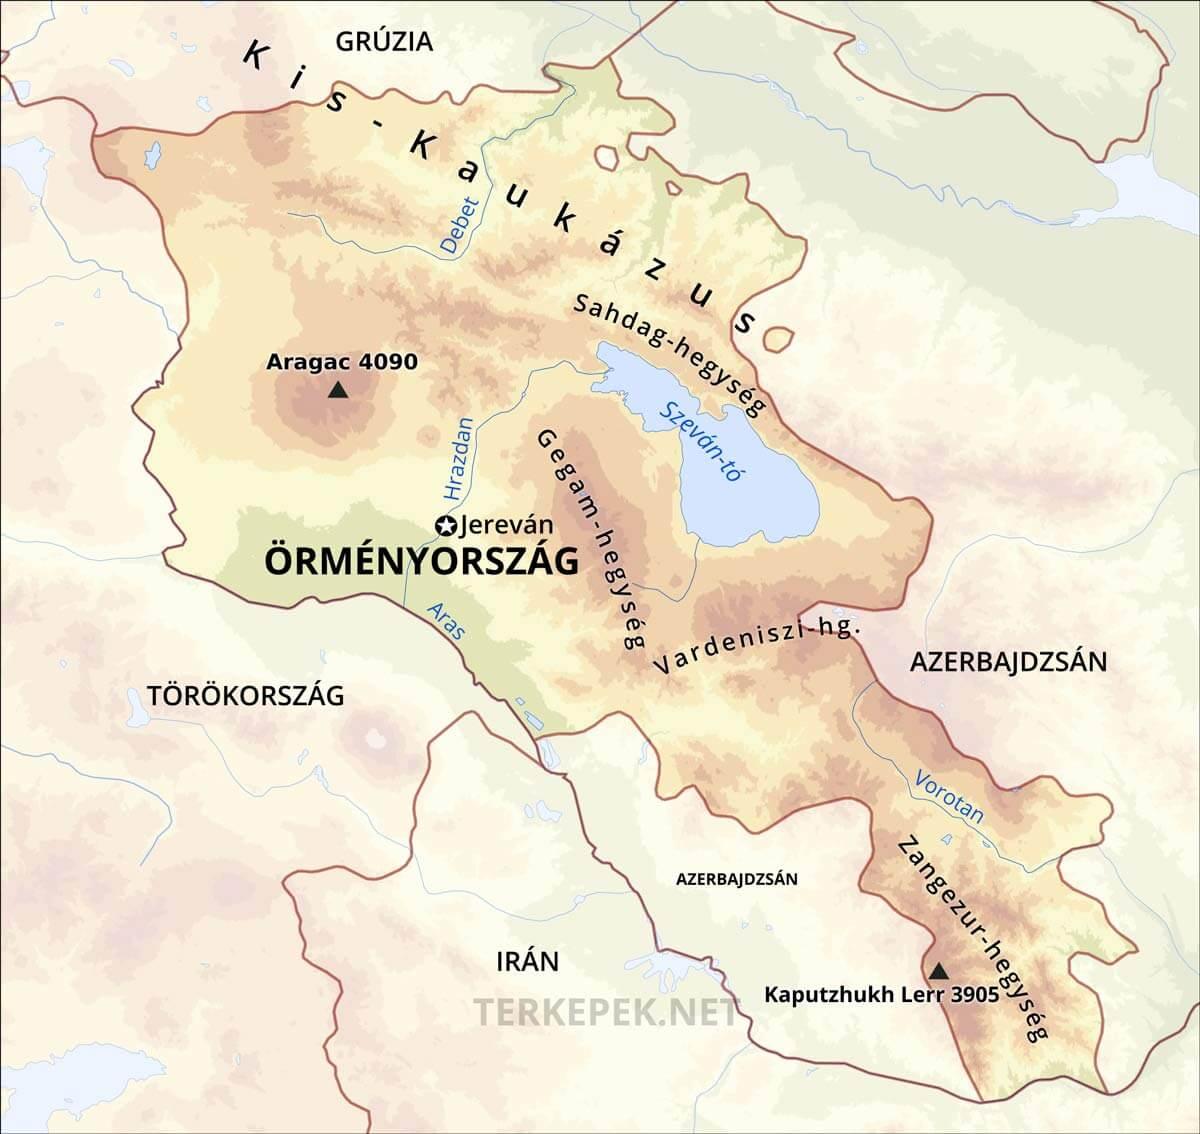 törökország domborzati térkép Örményország domborzati térképe törökország domborzati térkép